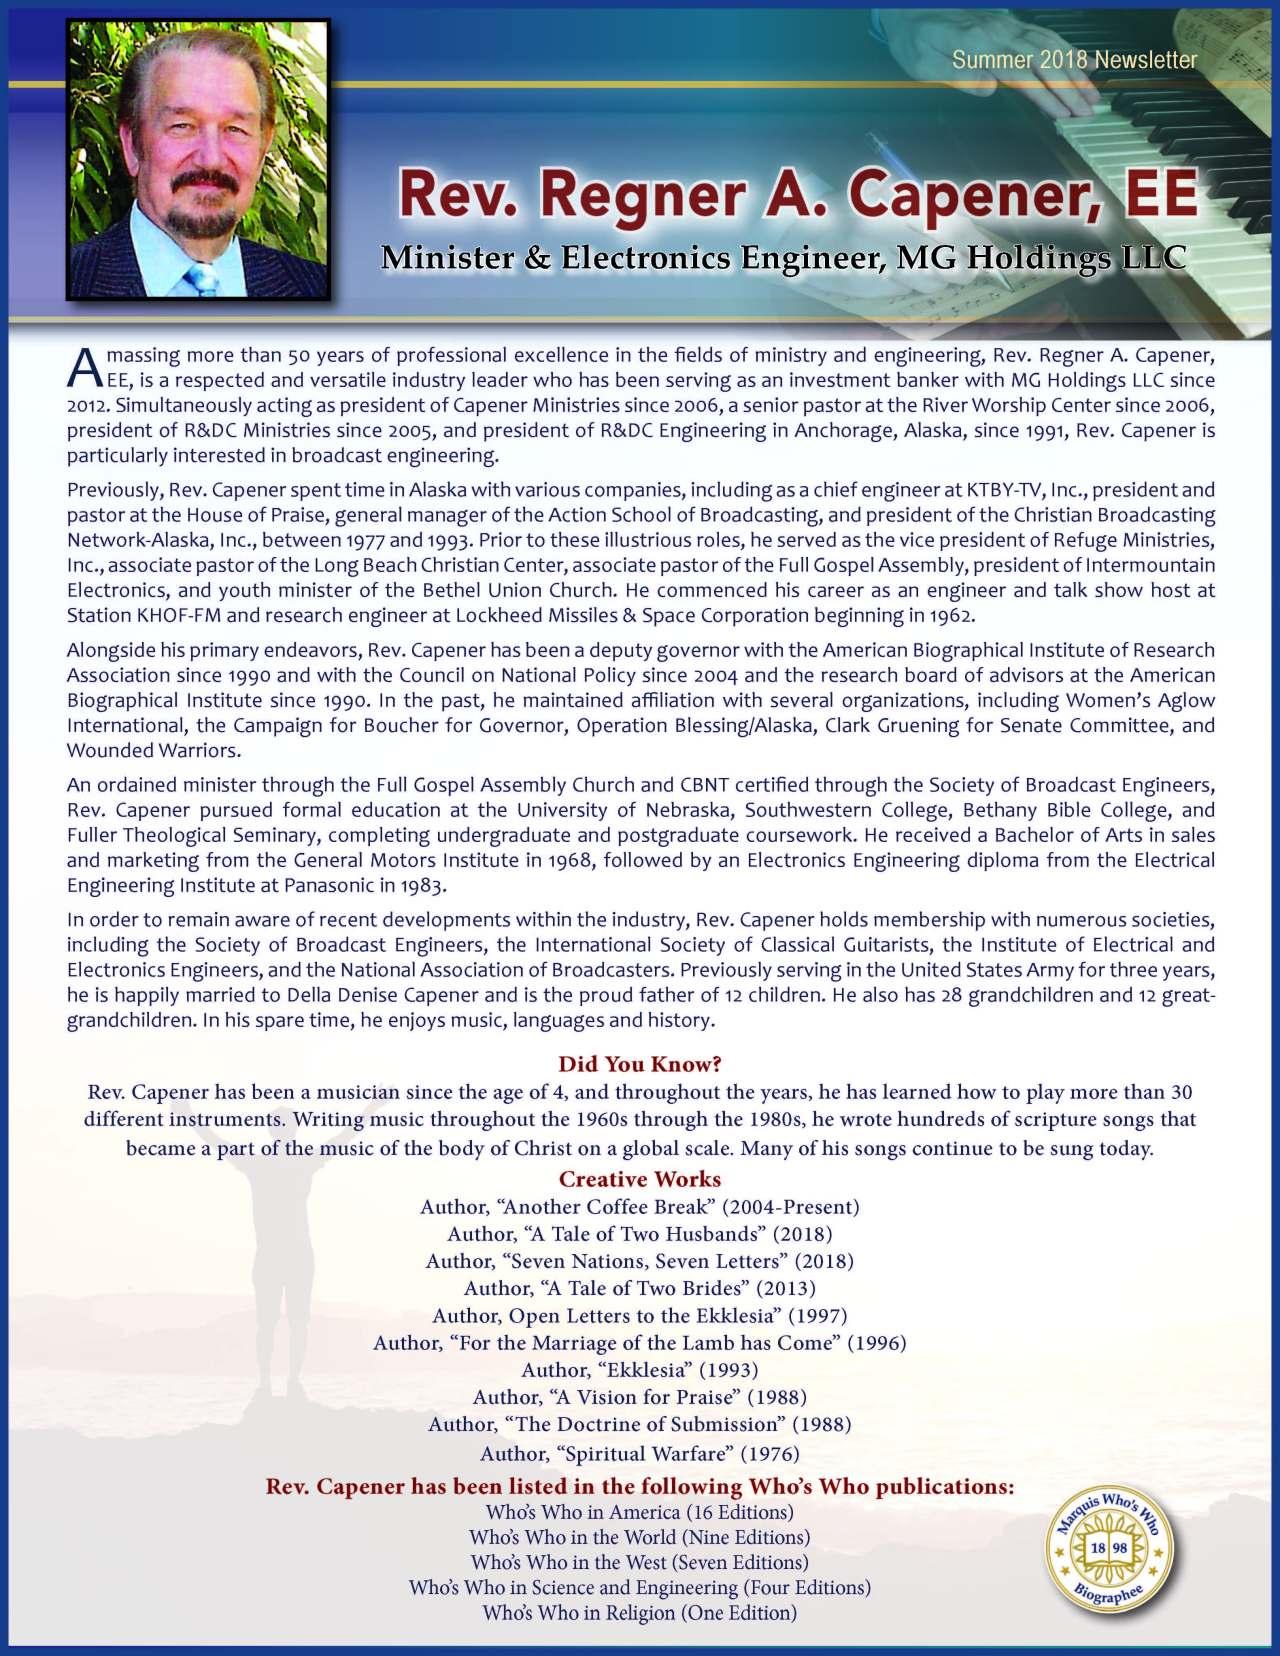 Capener, Regner 3951366_16944150 Newsletter.jpg